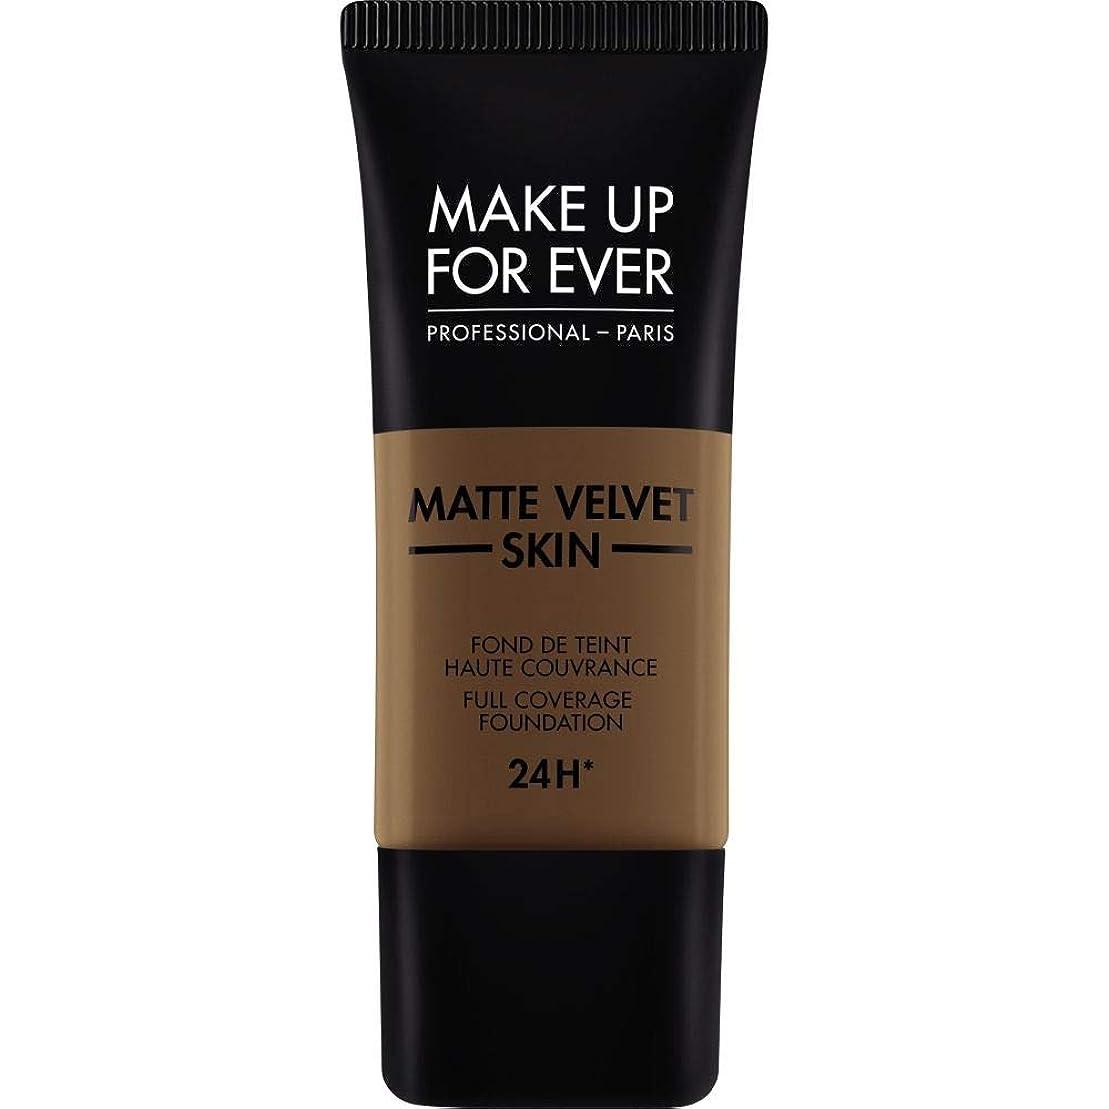 脚本ロッジオセアニア[MAKE UP FOR EVER ] ダークブラウン - これまでマットベルベットの皮膚のフルカバレッジ基礎30ミリリットルのR540を補います - MAKE UP FOR EVER Matte Velvet Skin Full Coverage Foundation 30ml R540 - Dark Brown [並行輸入品]